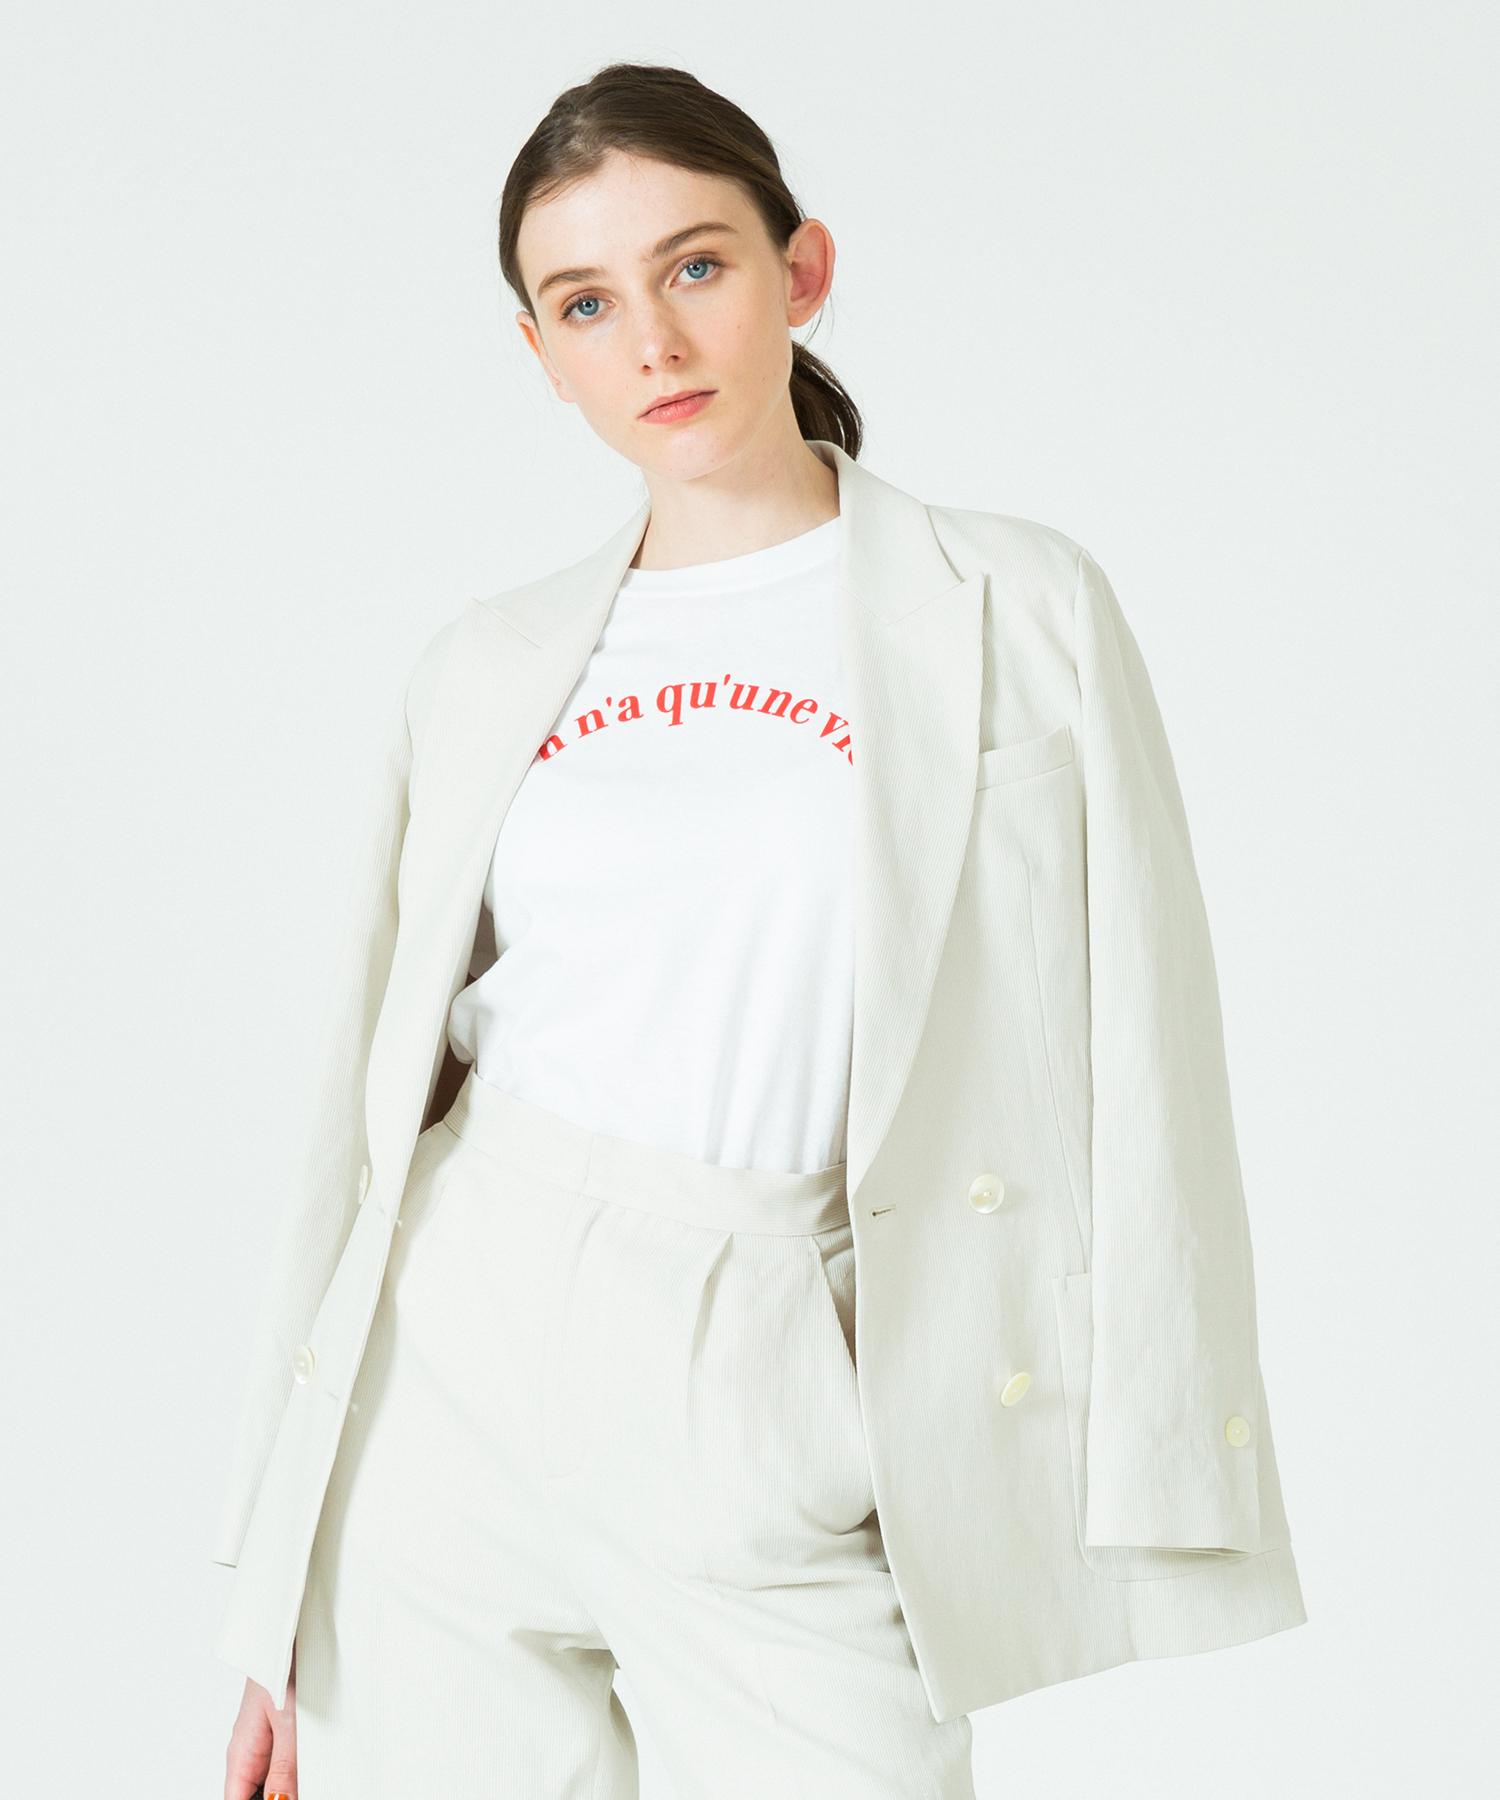 リネンコンピケダブルブレストジャケット